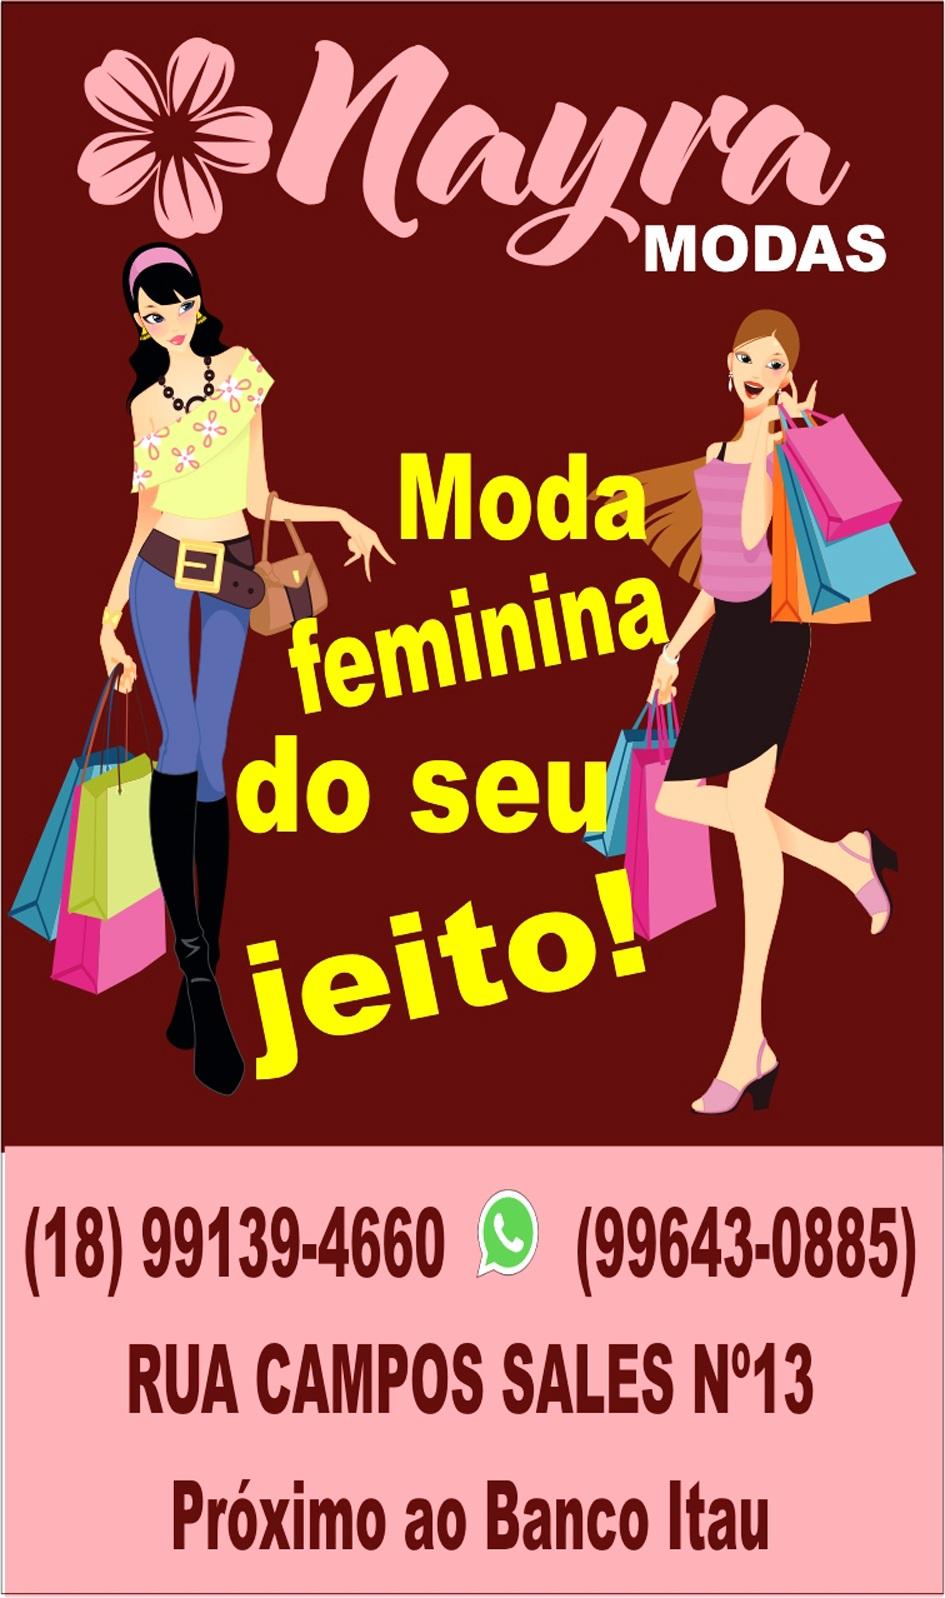 Nayra Modas - Moda Feminina